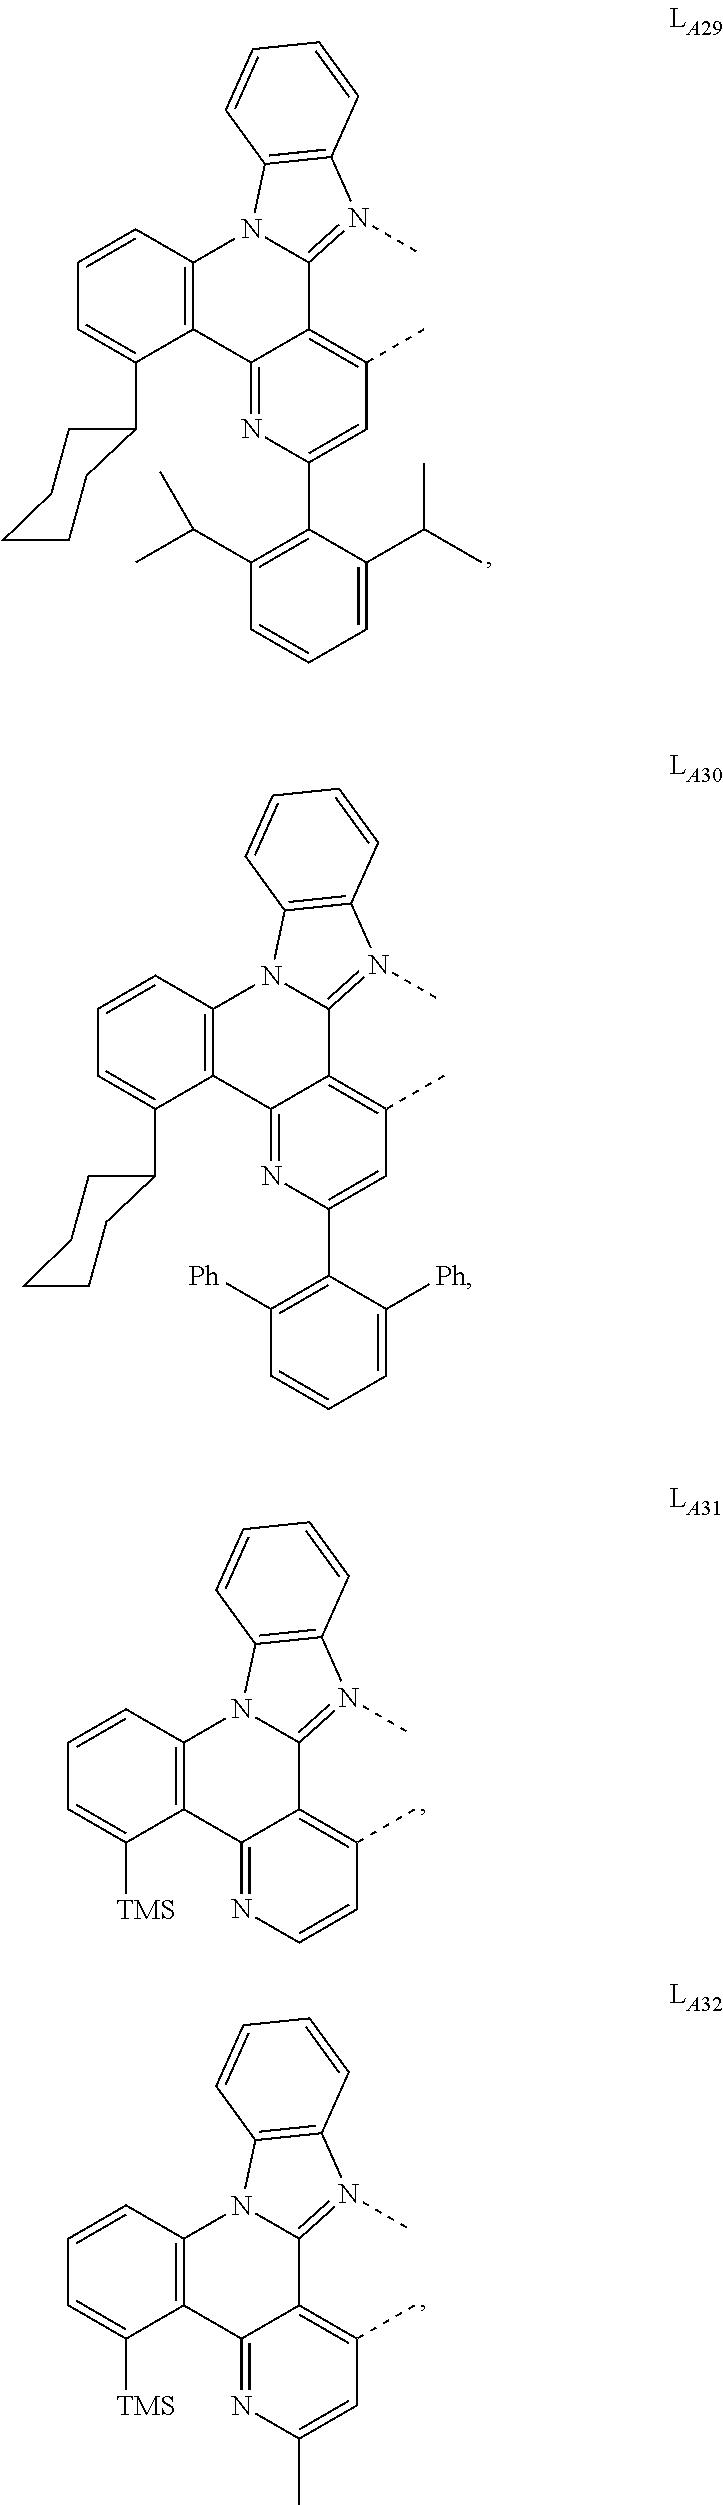 Figure US09905785-20180227-C00031